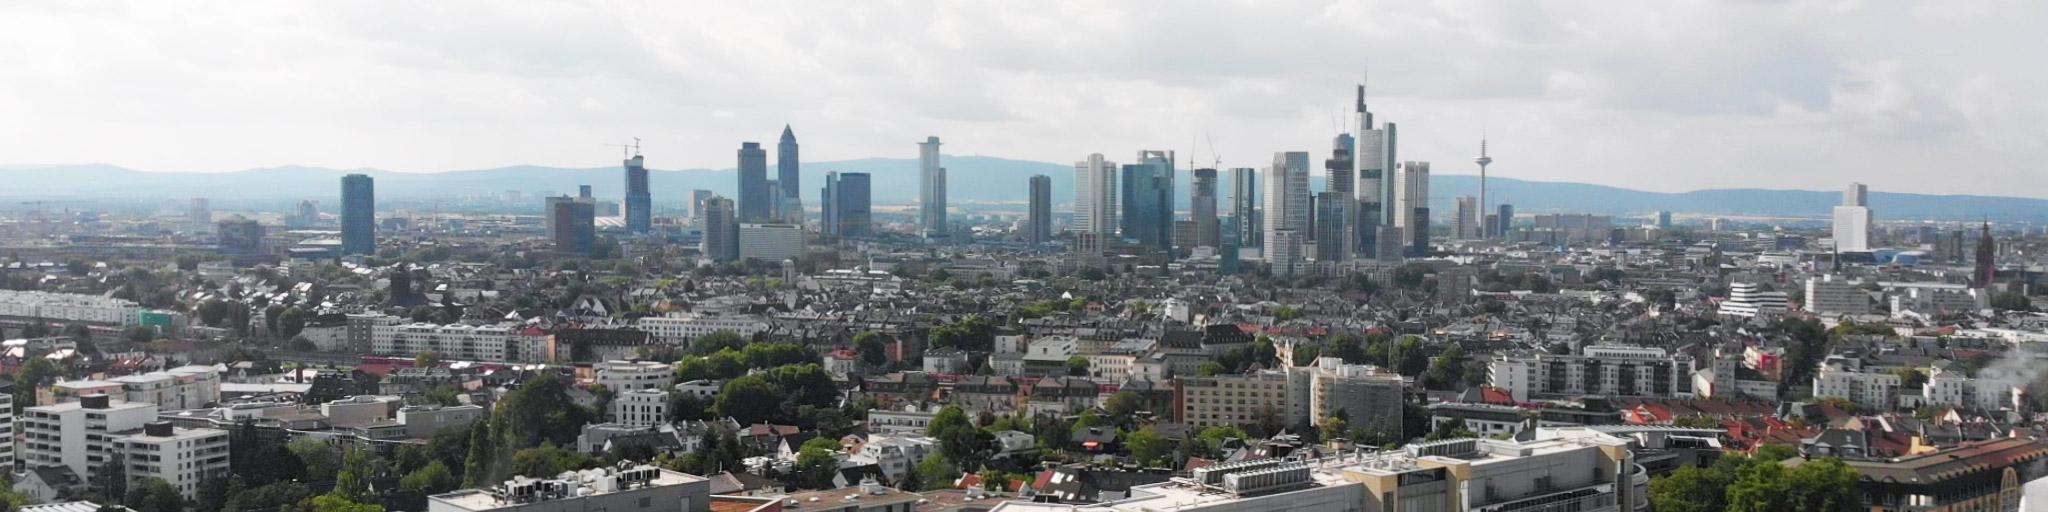 Panorama Frankfurt - Architektur zum Mitmachen - Hochhäuser Frankfurt